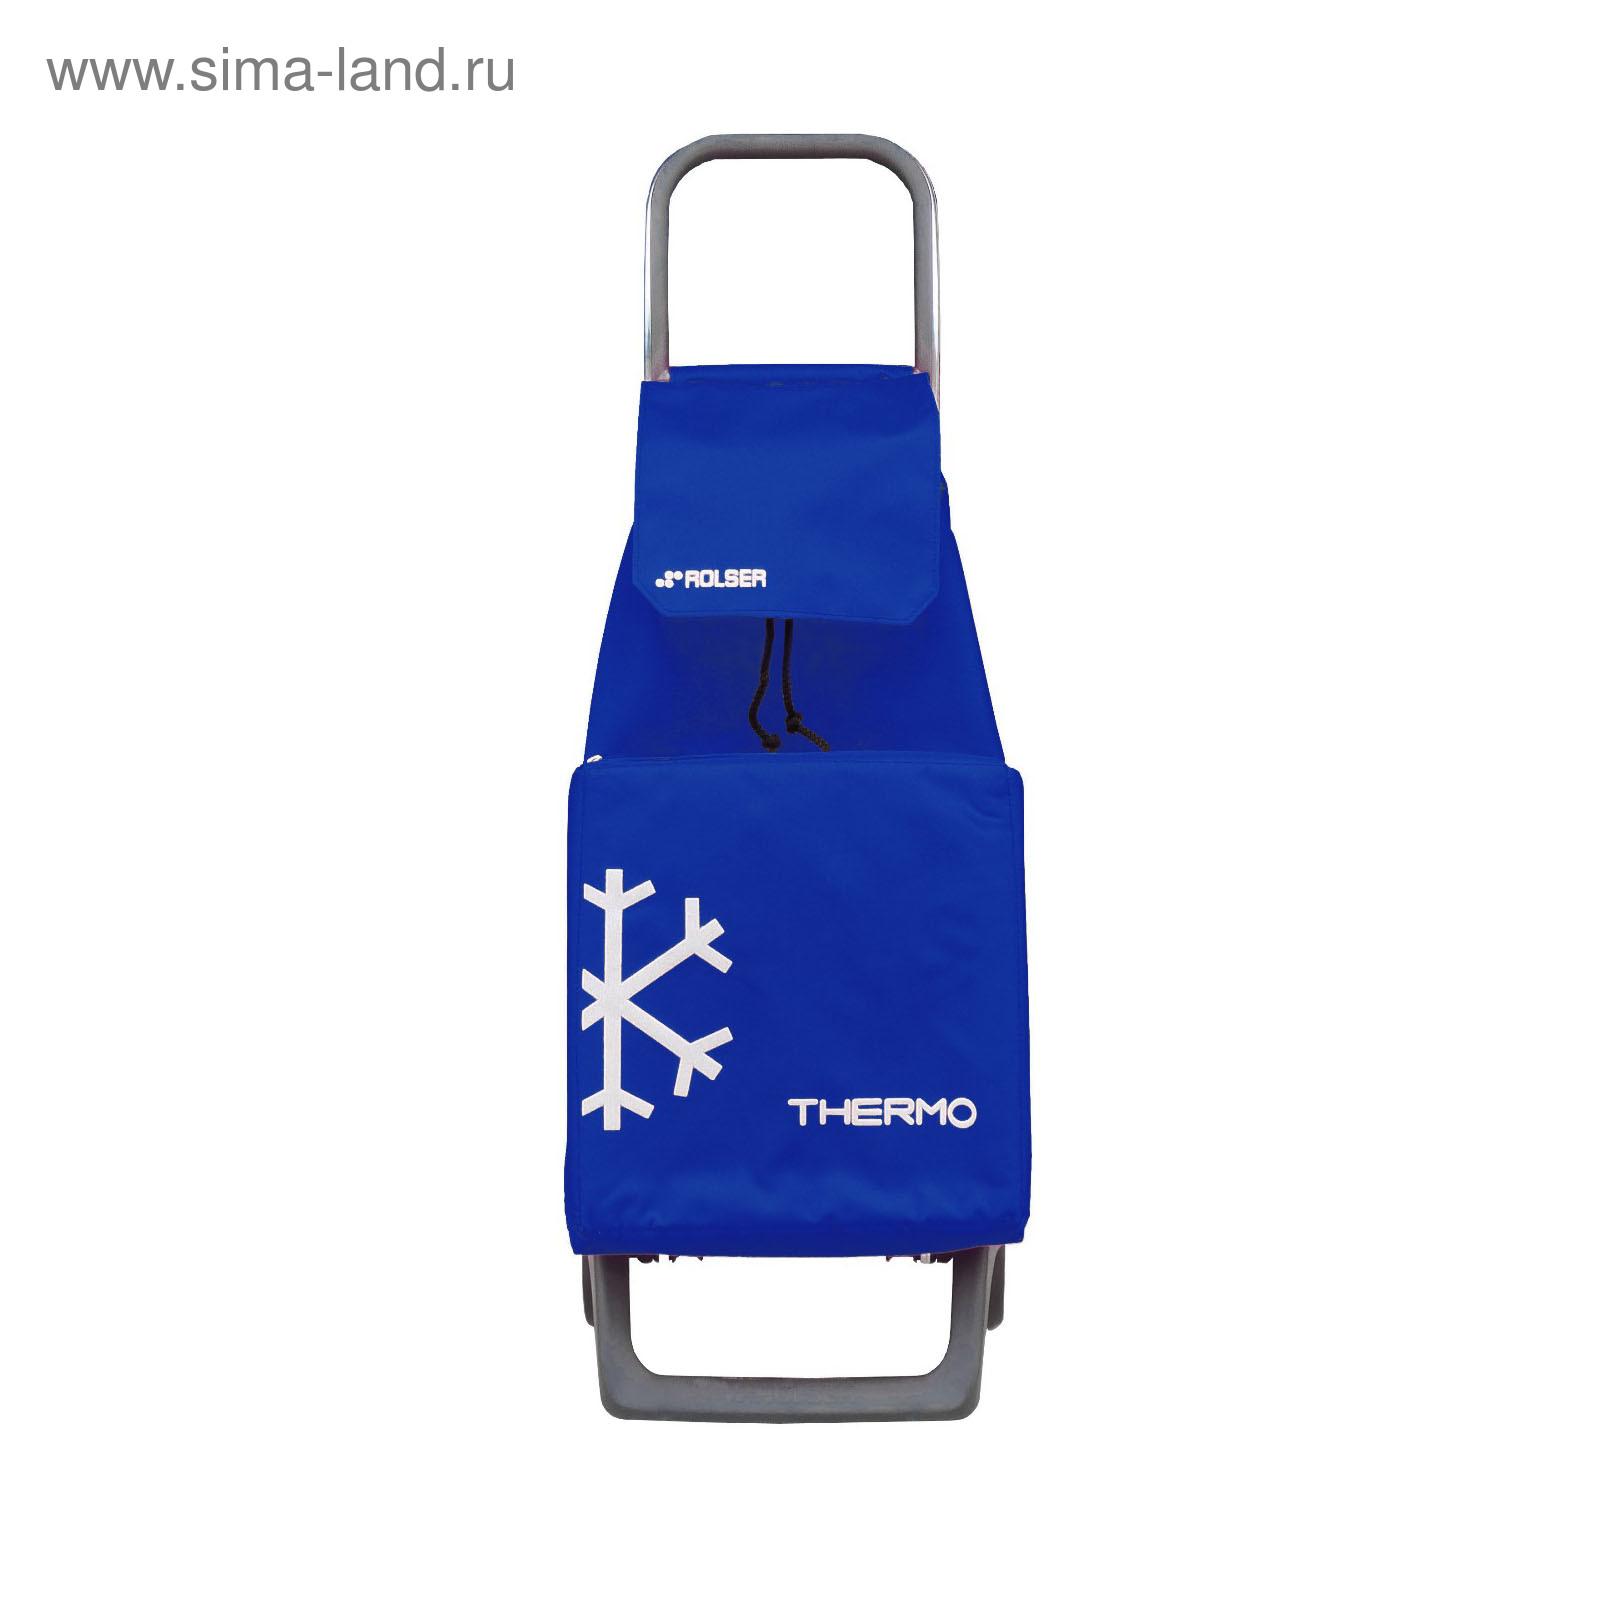 7afffc3314d9 Сумка-тележка Rolser JET010 azul JOY (3246232) - Купить по цене от ...